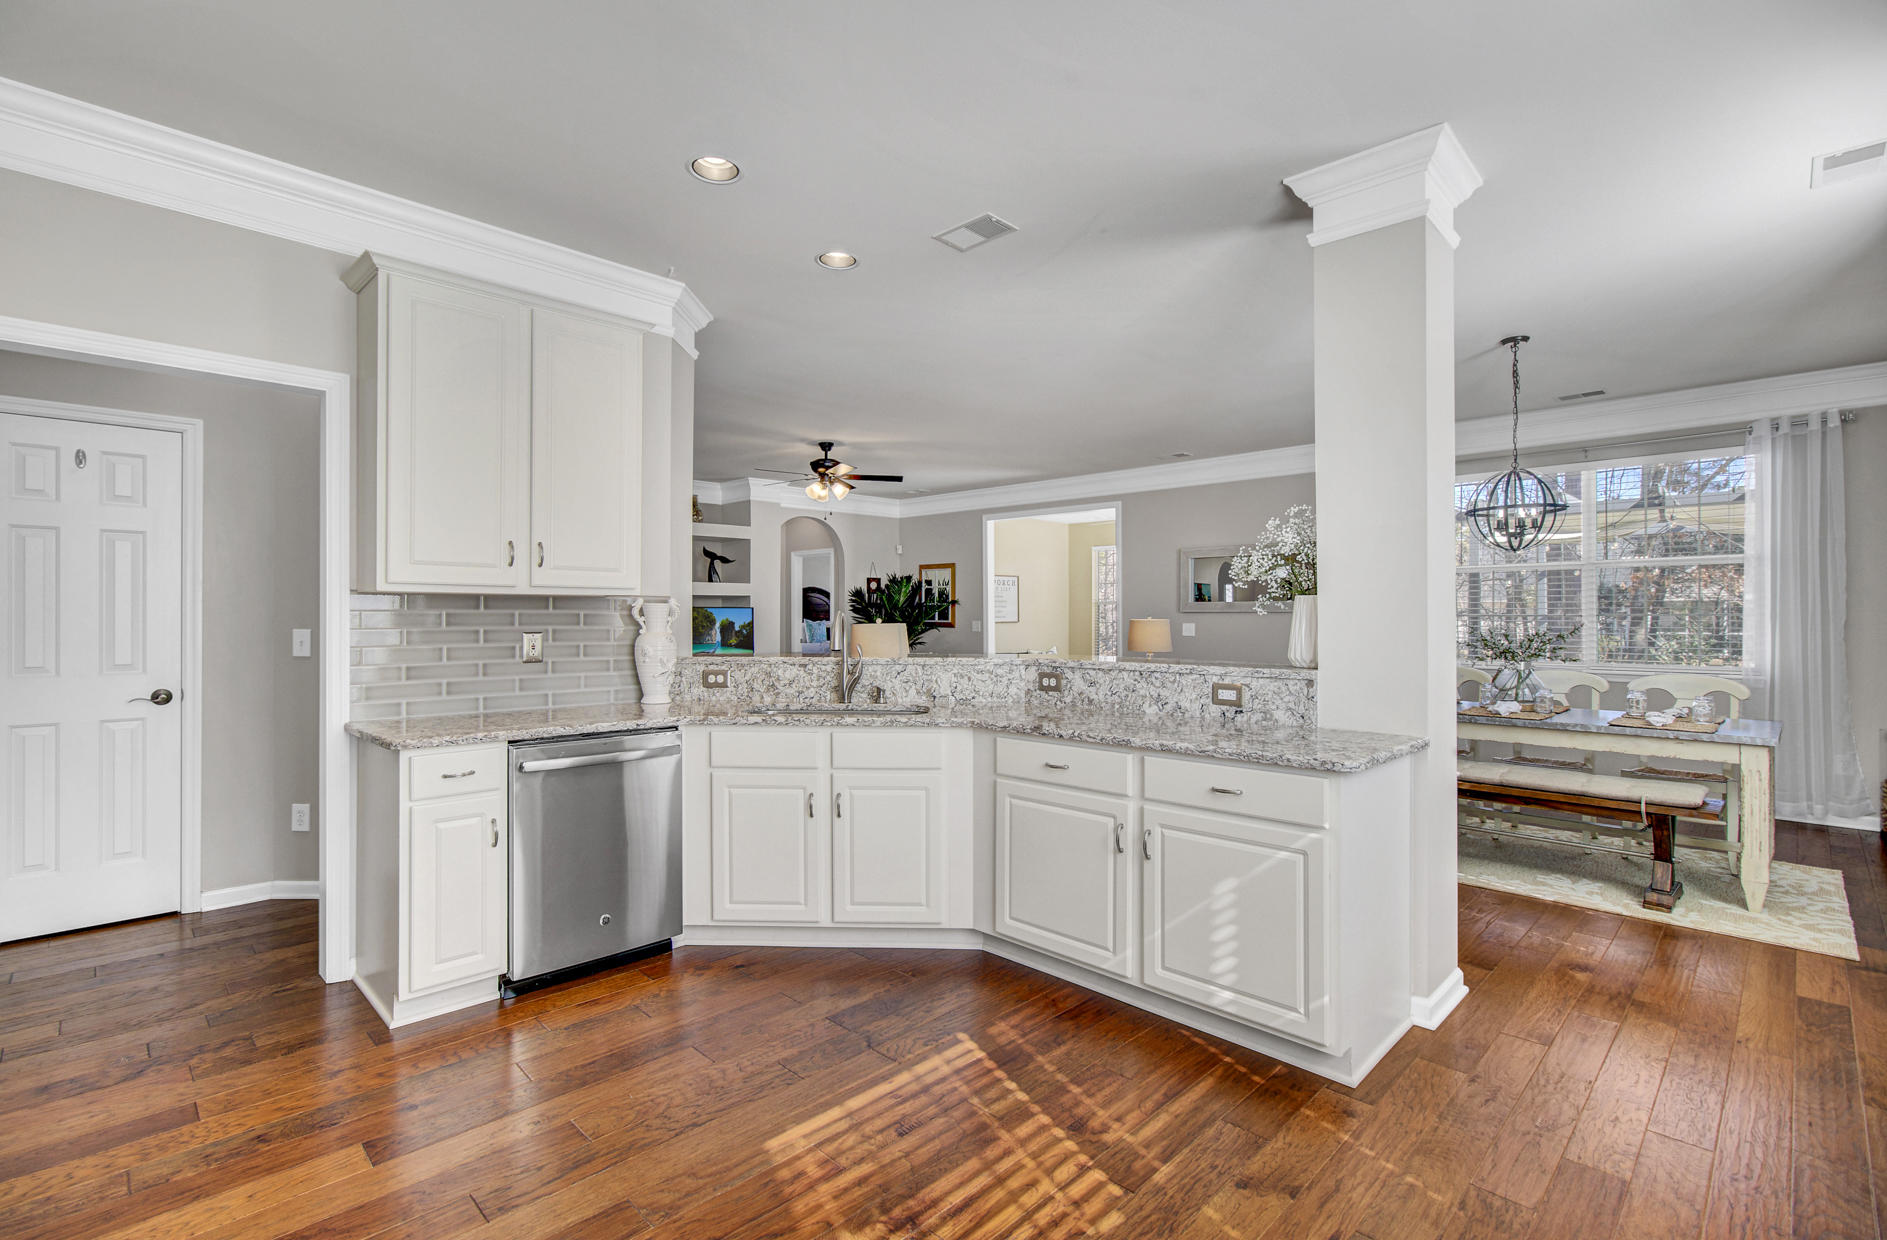 Park West Homes For Sale - 1497 Endicot, Mount Pleasant, SC - 3